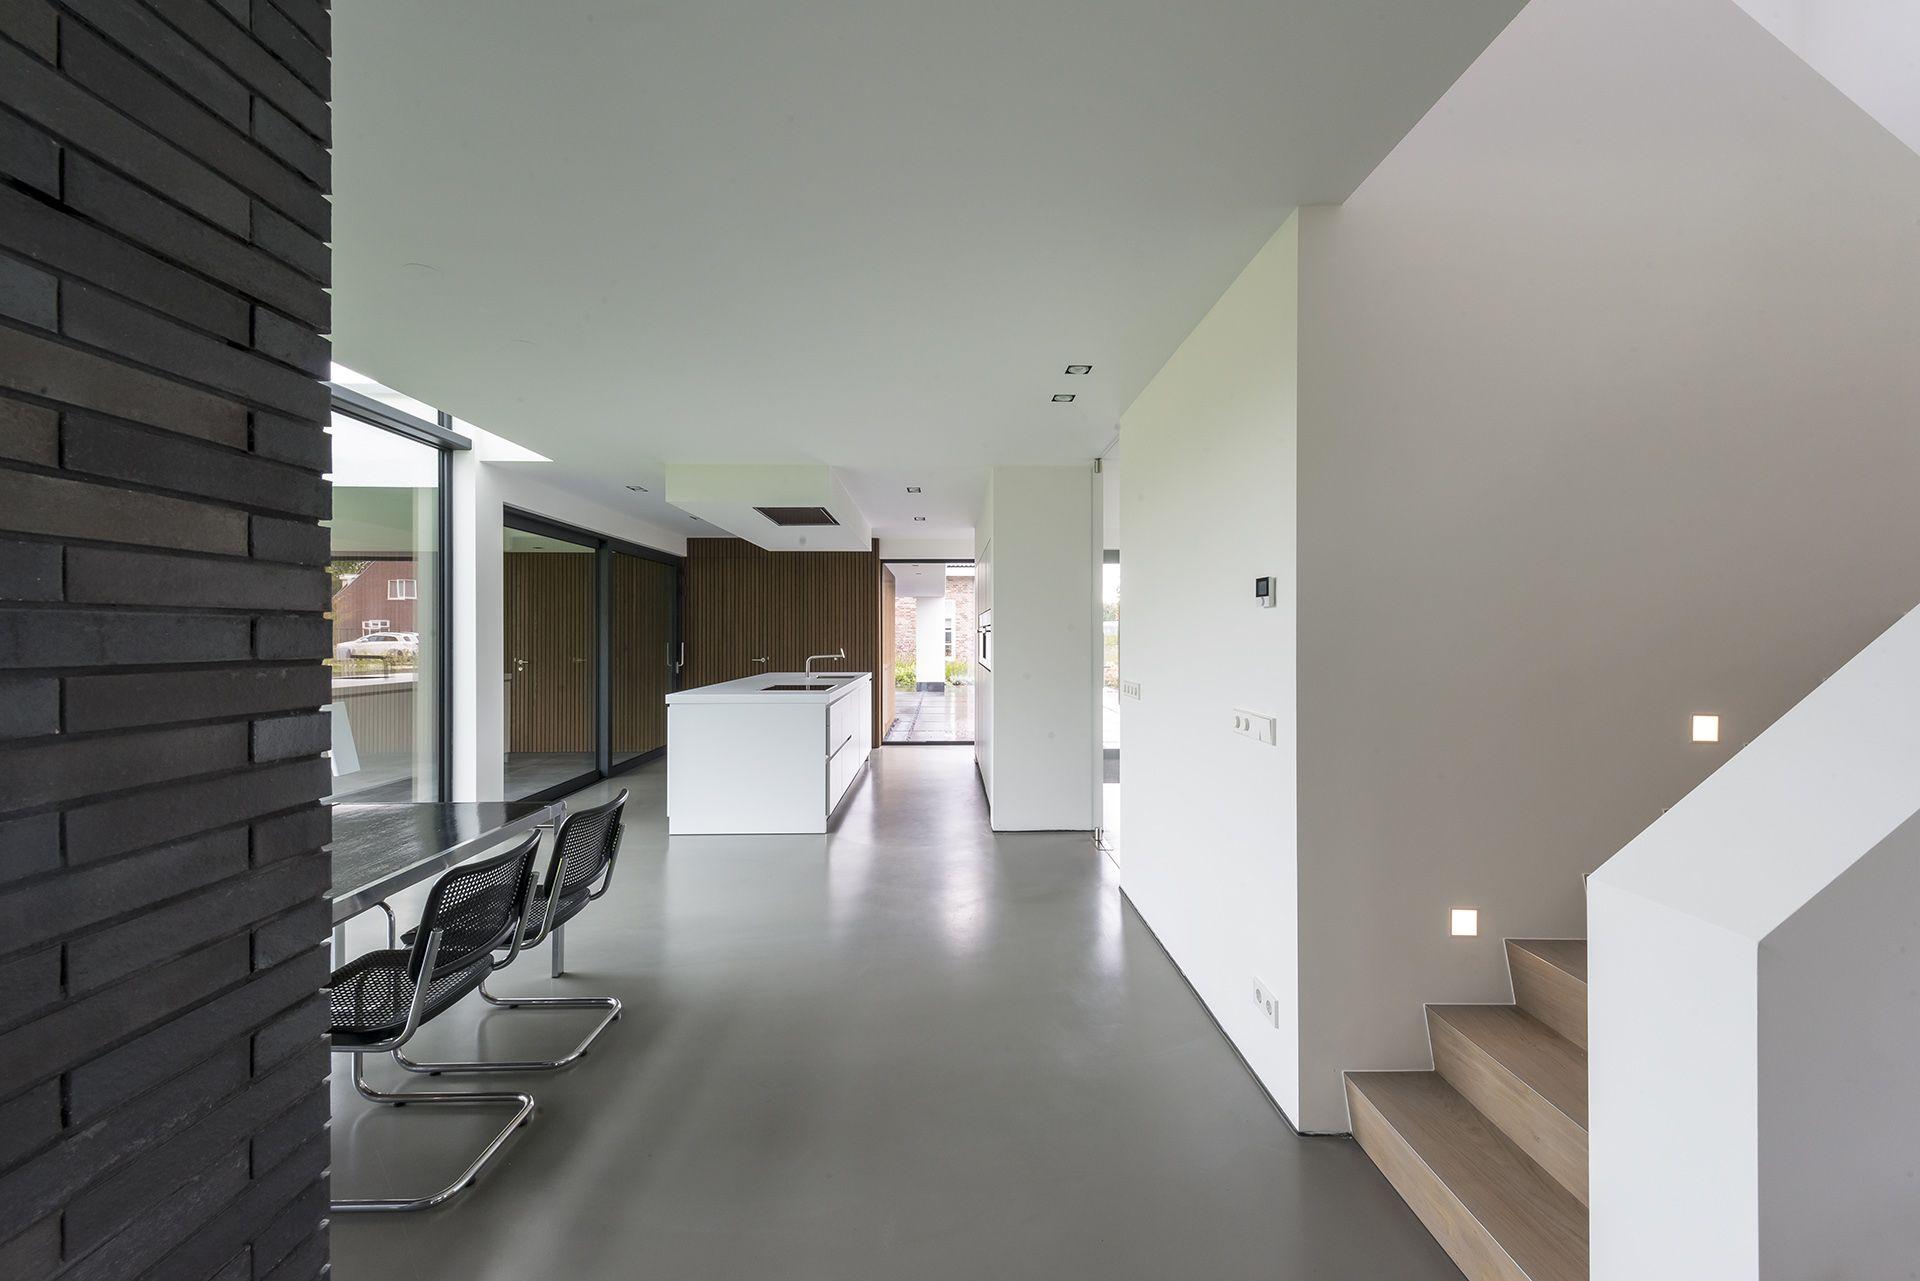 Design Keuken Breda : Arclinea breda uw adviseur in exclusieve keukens en interieurs